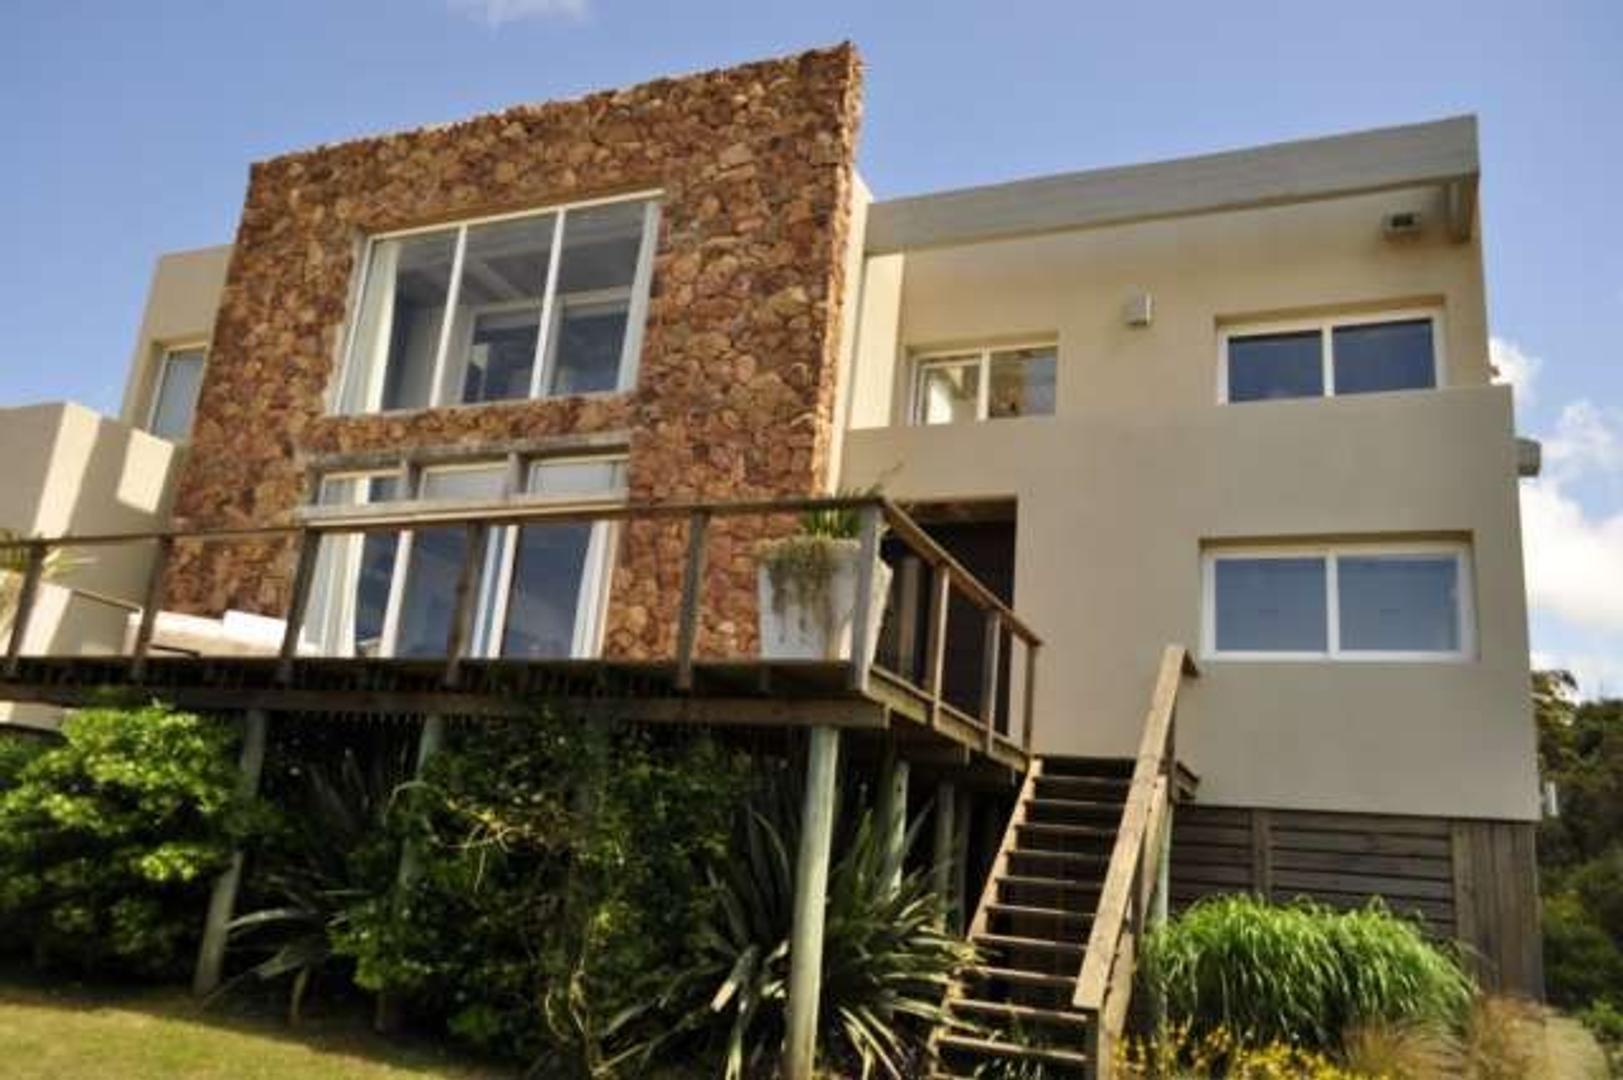 (LIJ-LIJ-183) Casa - Alquiler temporario - Uruguay, Maldonado - Foto 27